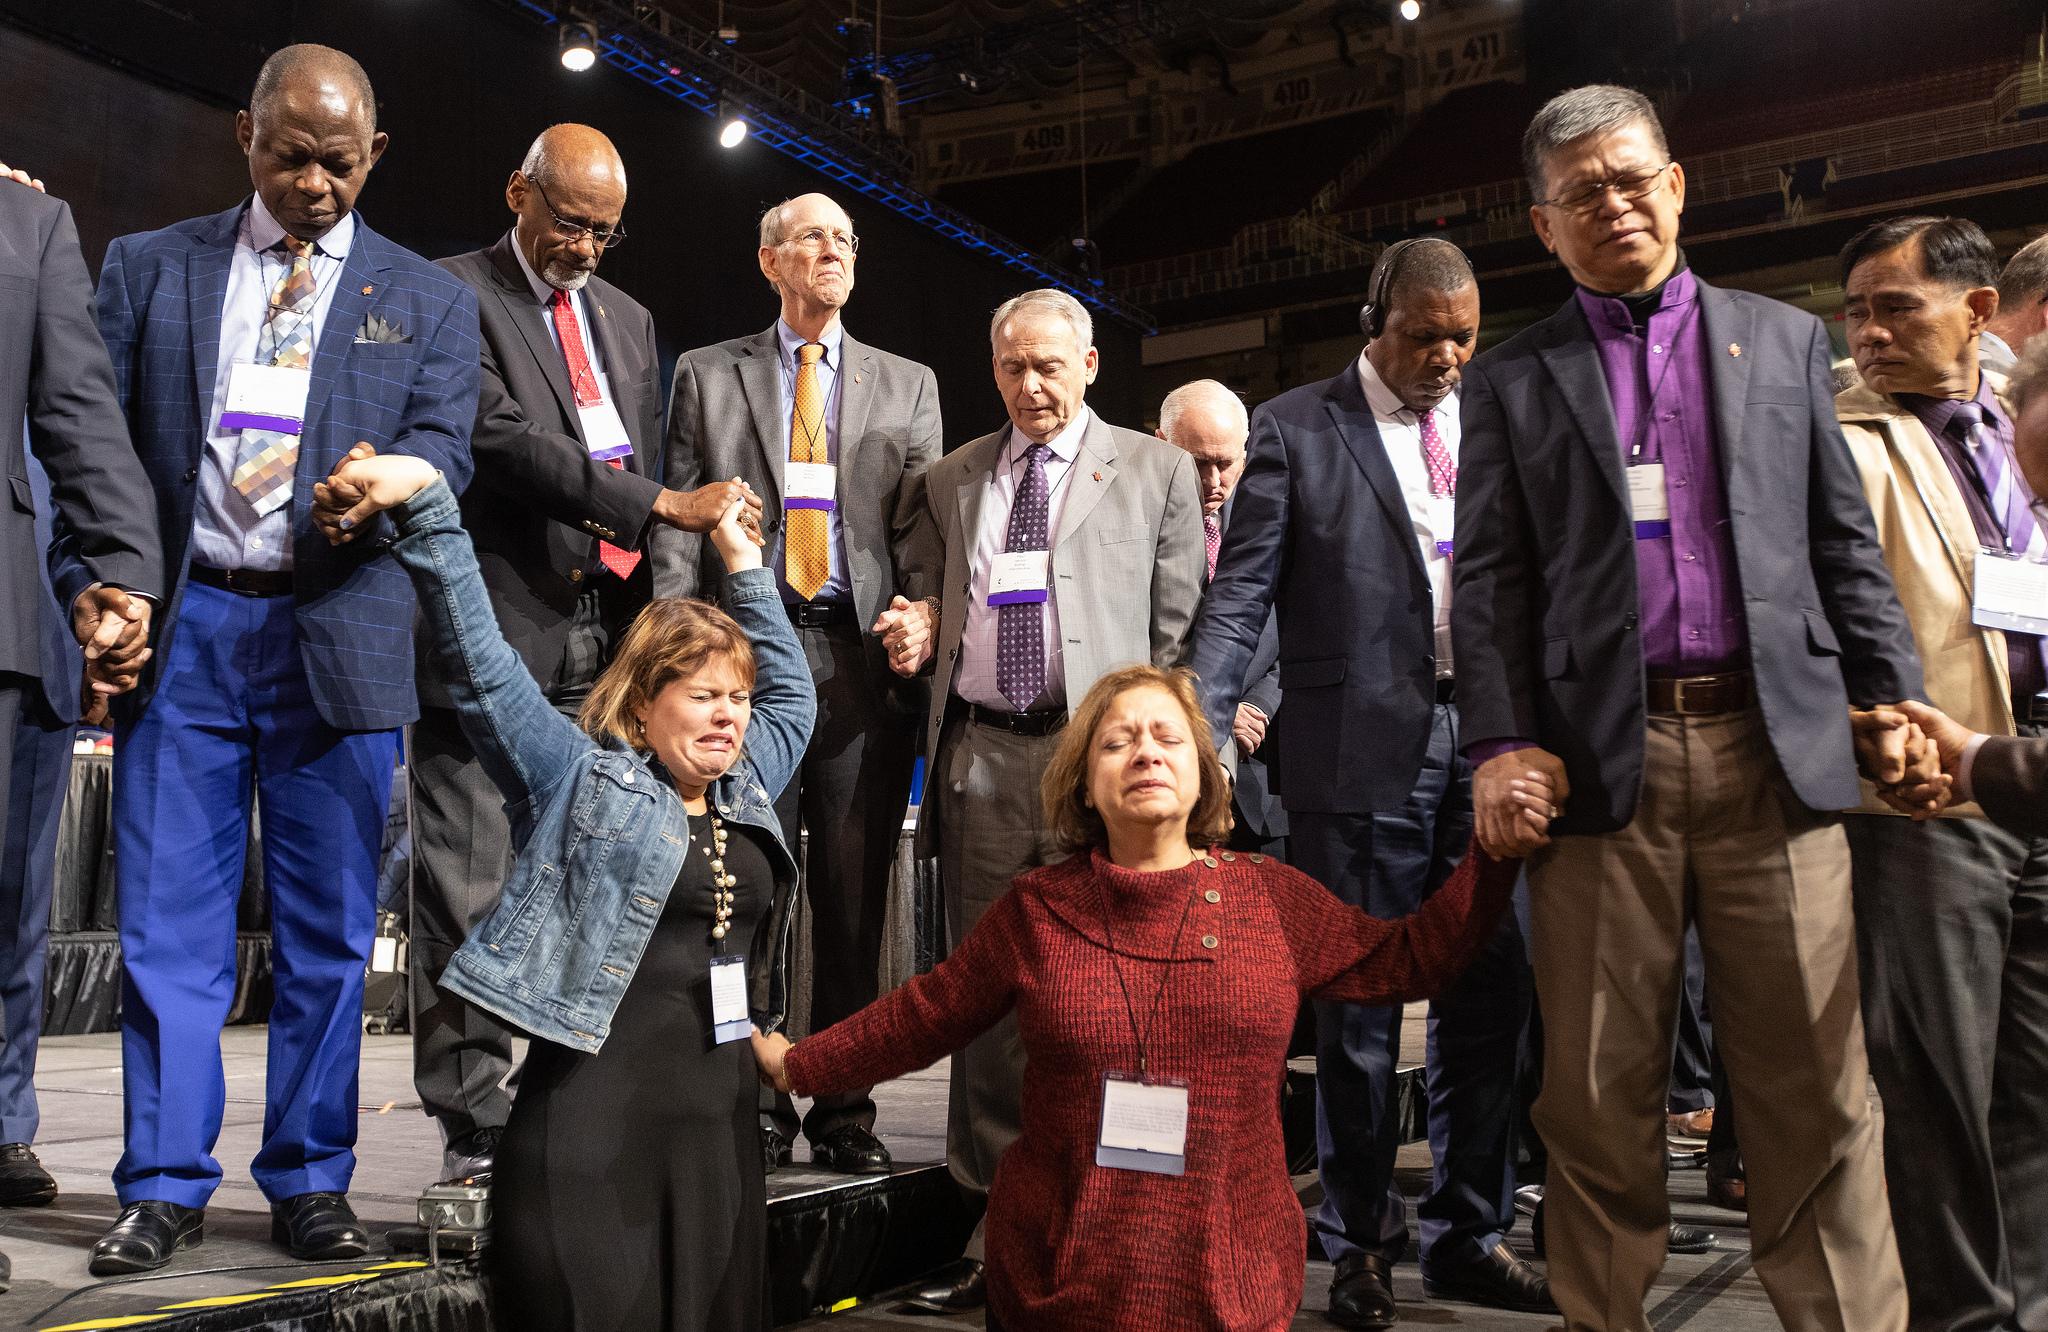 Os delegados da Flórida, Rachael Sumner (à esquerda) e a Revda. Jacqueline Leveron (frente à direita) da Conferência da Flórida, juntam-se em oração com bispos e outros delegados na frente do palco antes de uma votação chave sobre as políticas da igreja a. Foto de Mike DuBose, UMNS.